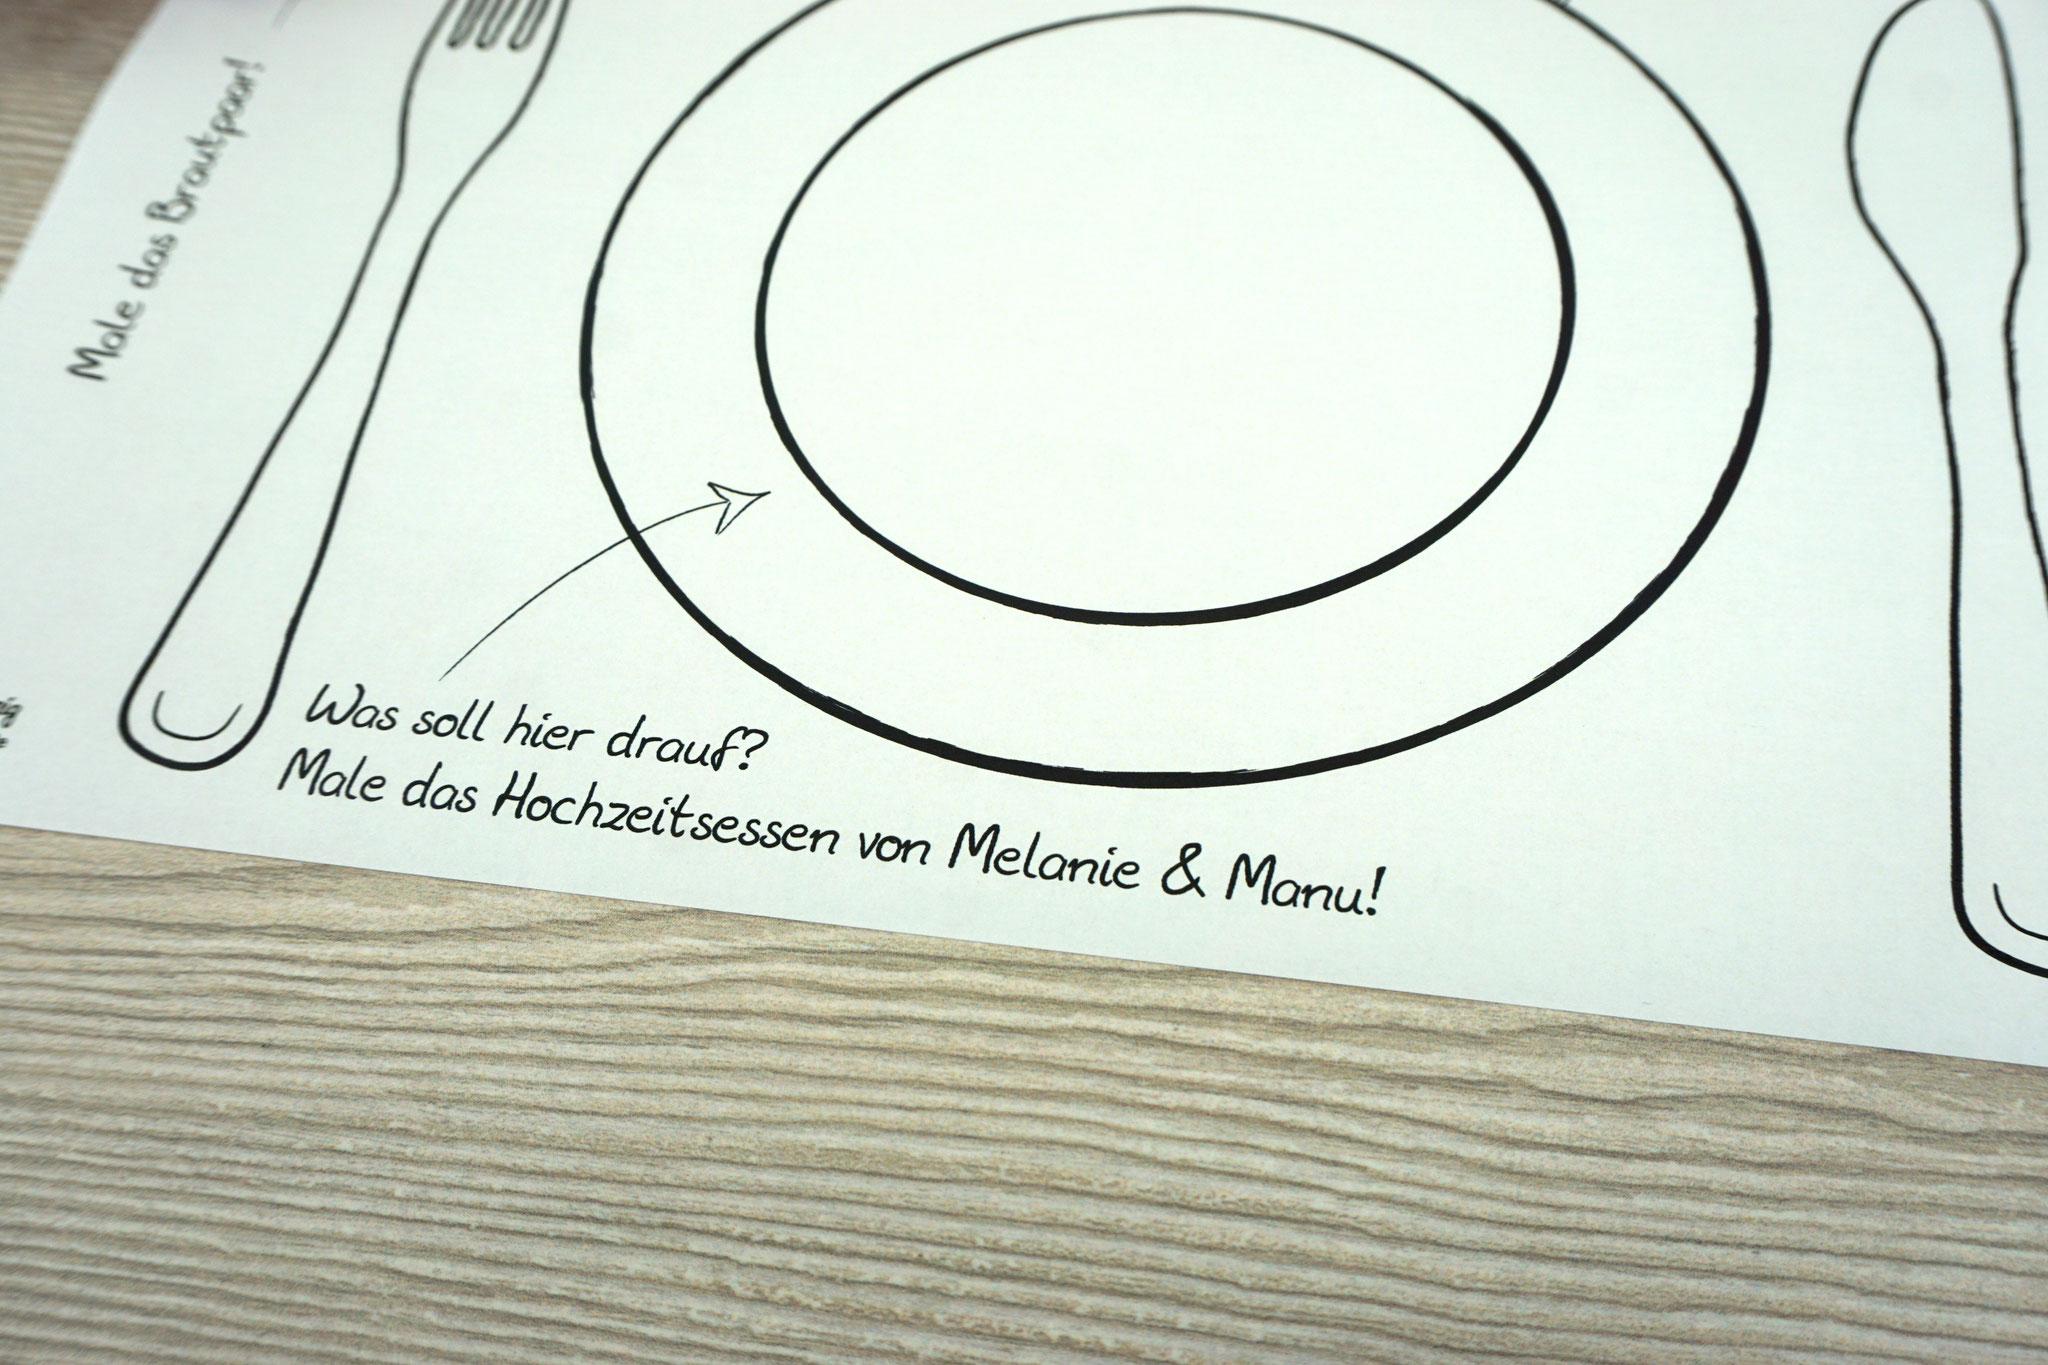 """Platzset """"Personalisiert"""" mit Portraitrahmen zum Ausmalen/Bunt, Design Hochzeitsvögel - Sonderanfertigung"""